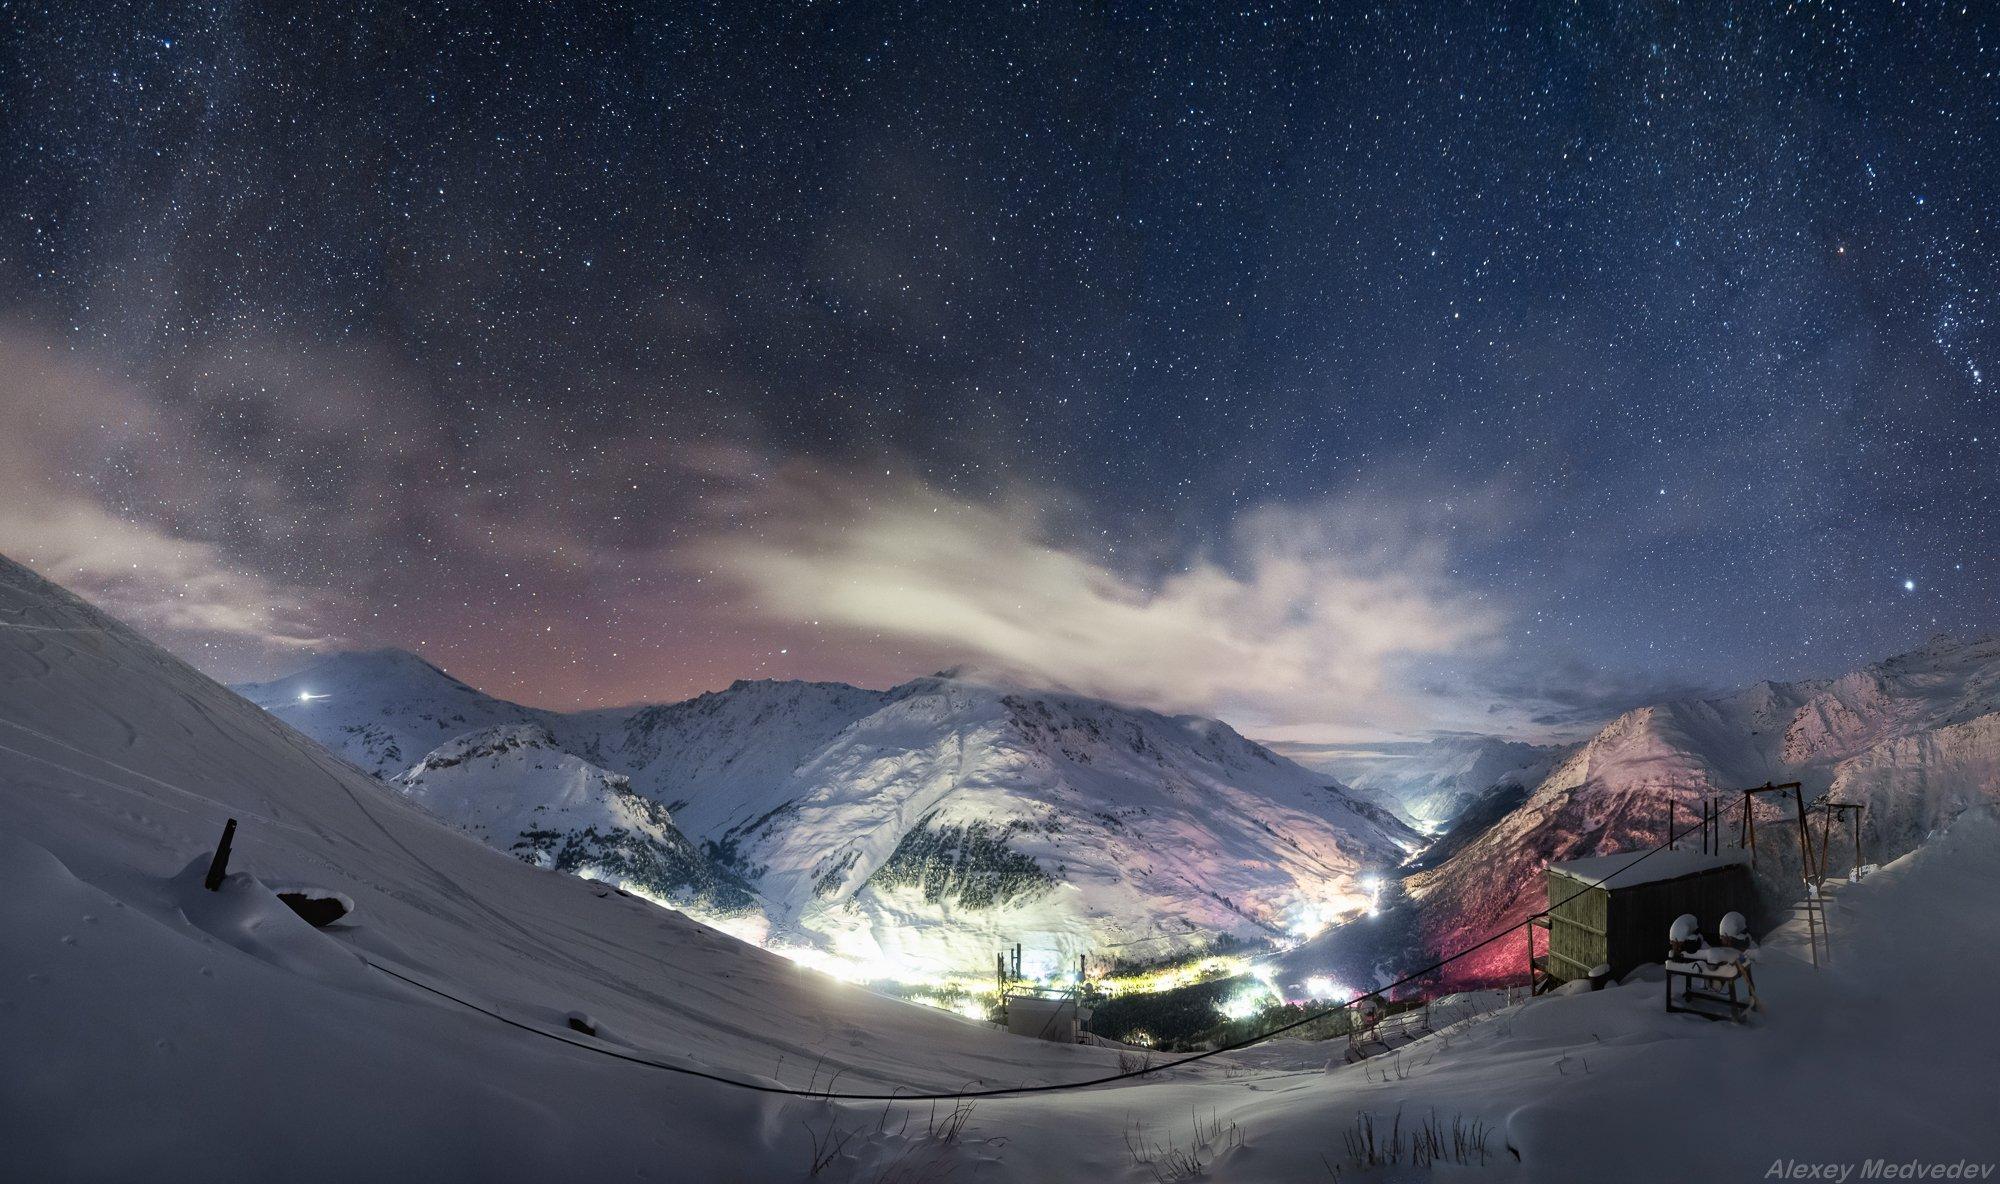 зима, кавказ, эльбрус, терскол, ночь, звезды, горы,, Алексей Медведев